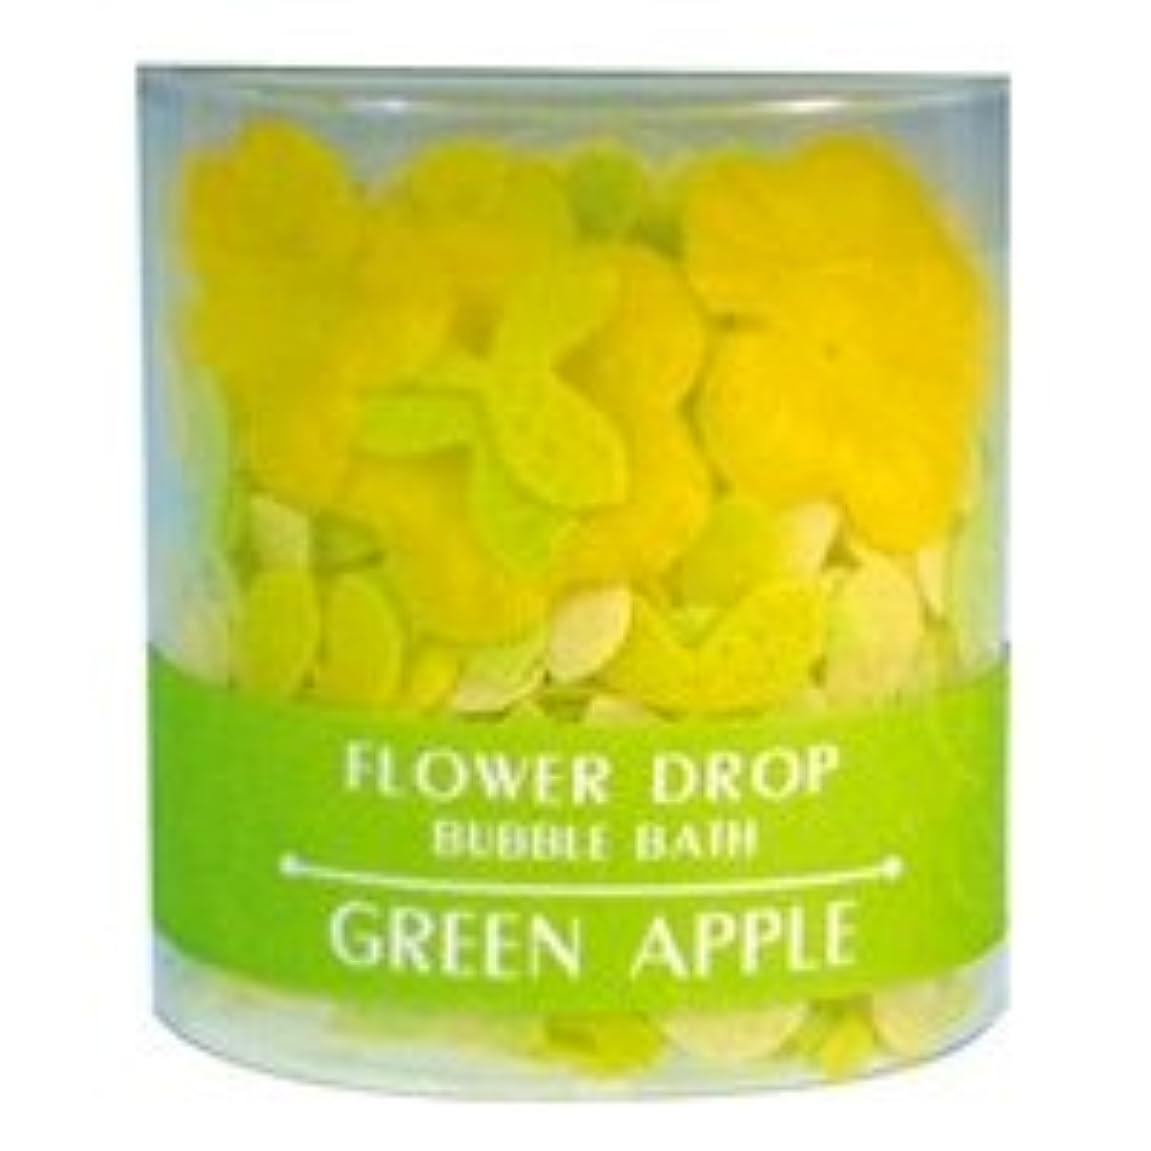 詳細にカタログ繊維フラワードロップ「グリーンアップル」20個セット 二葉の形のペタル